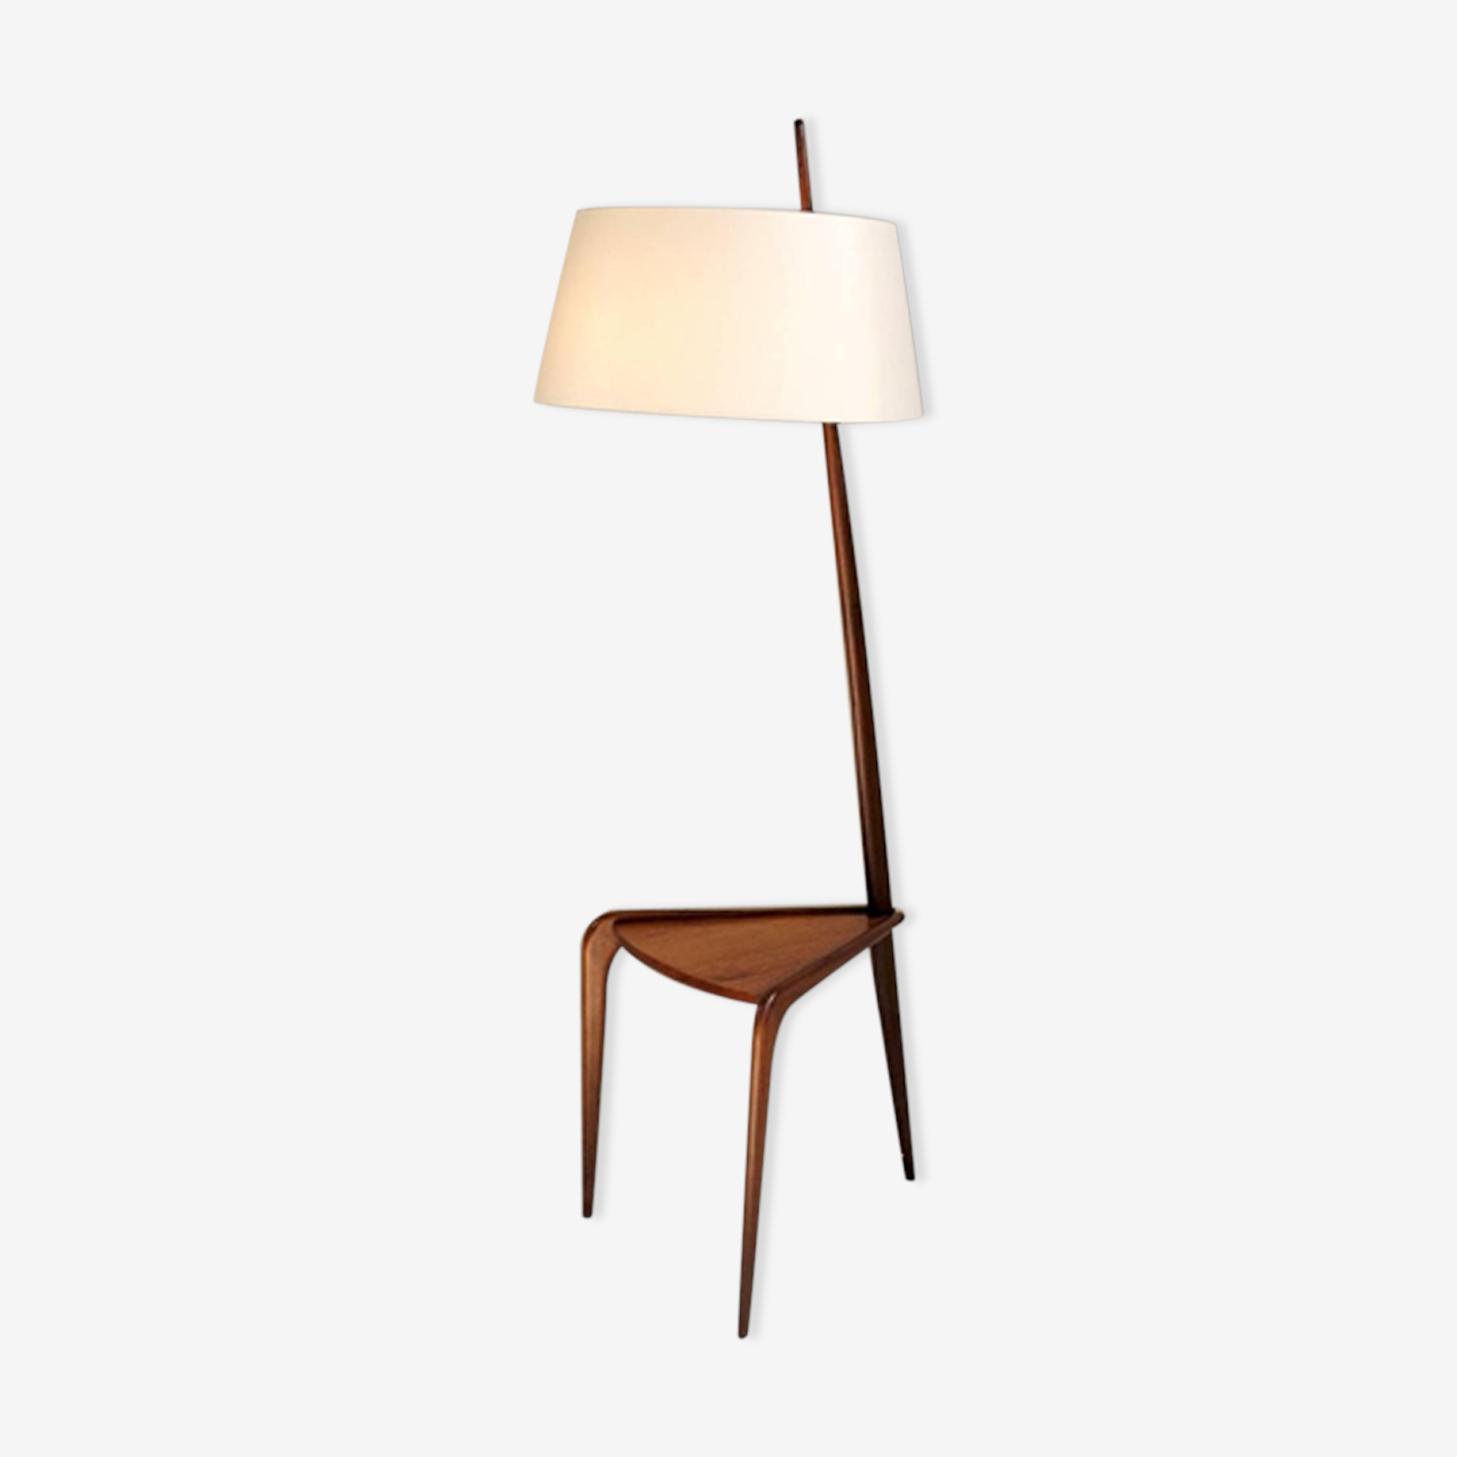 Tripod floor lamp from Jean Rispal 50s